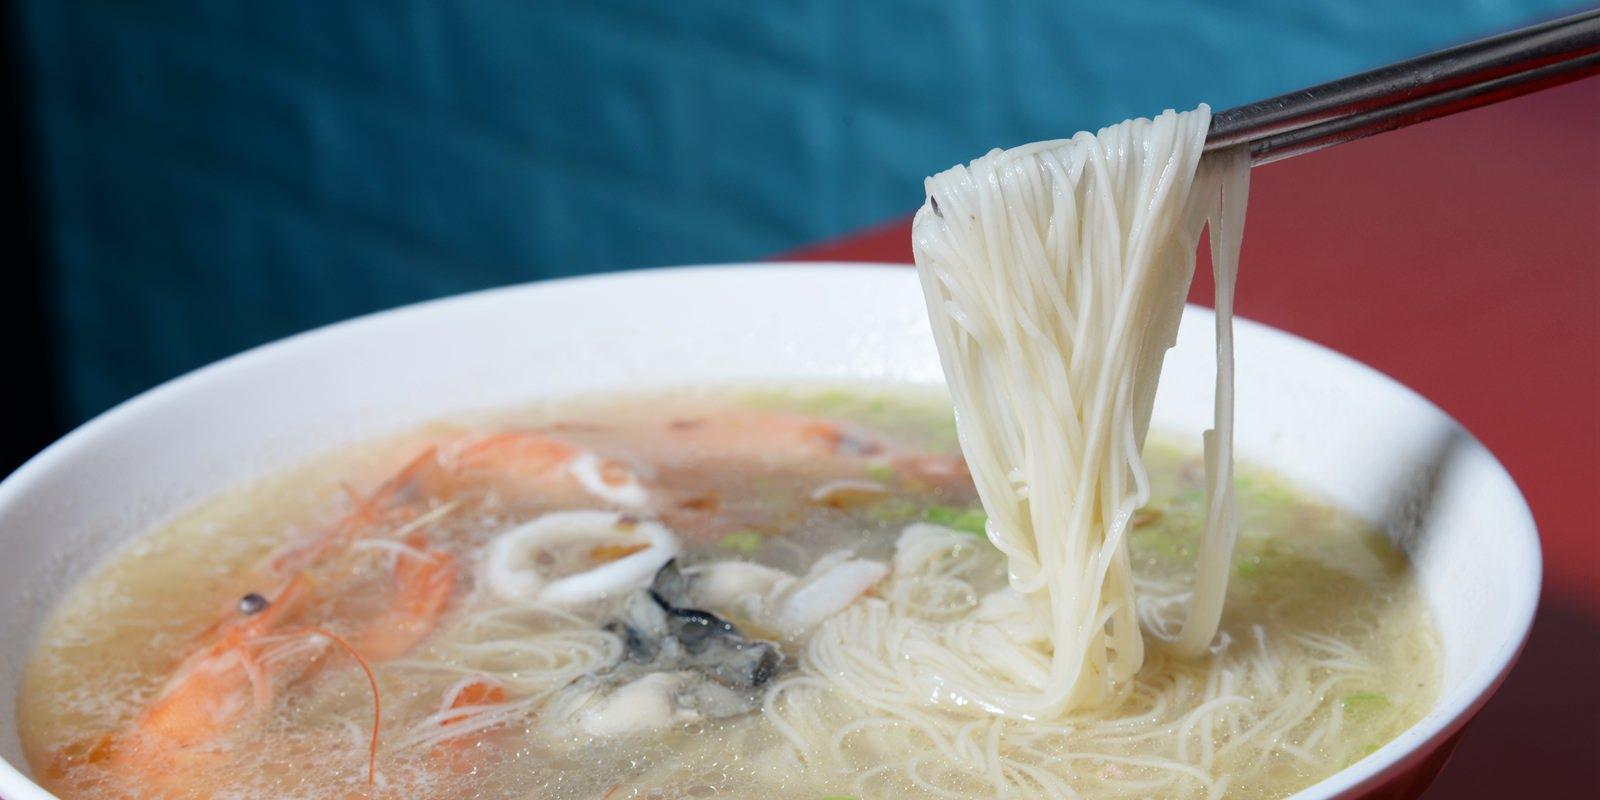 高雄三民區宵夜首選 「銘記海鮮粥」耗時熬出的鮮美湯頭